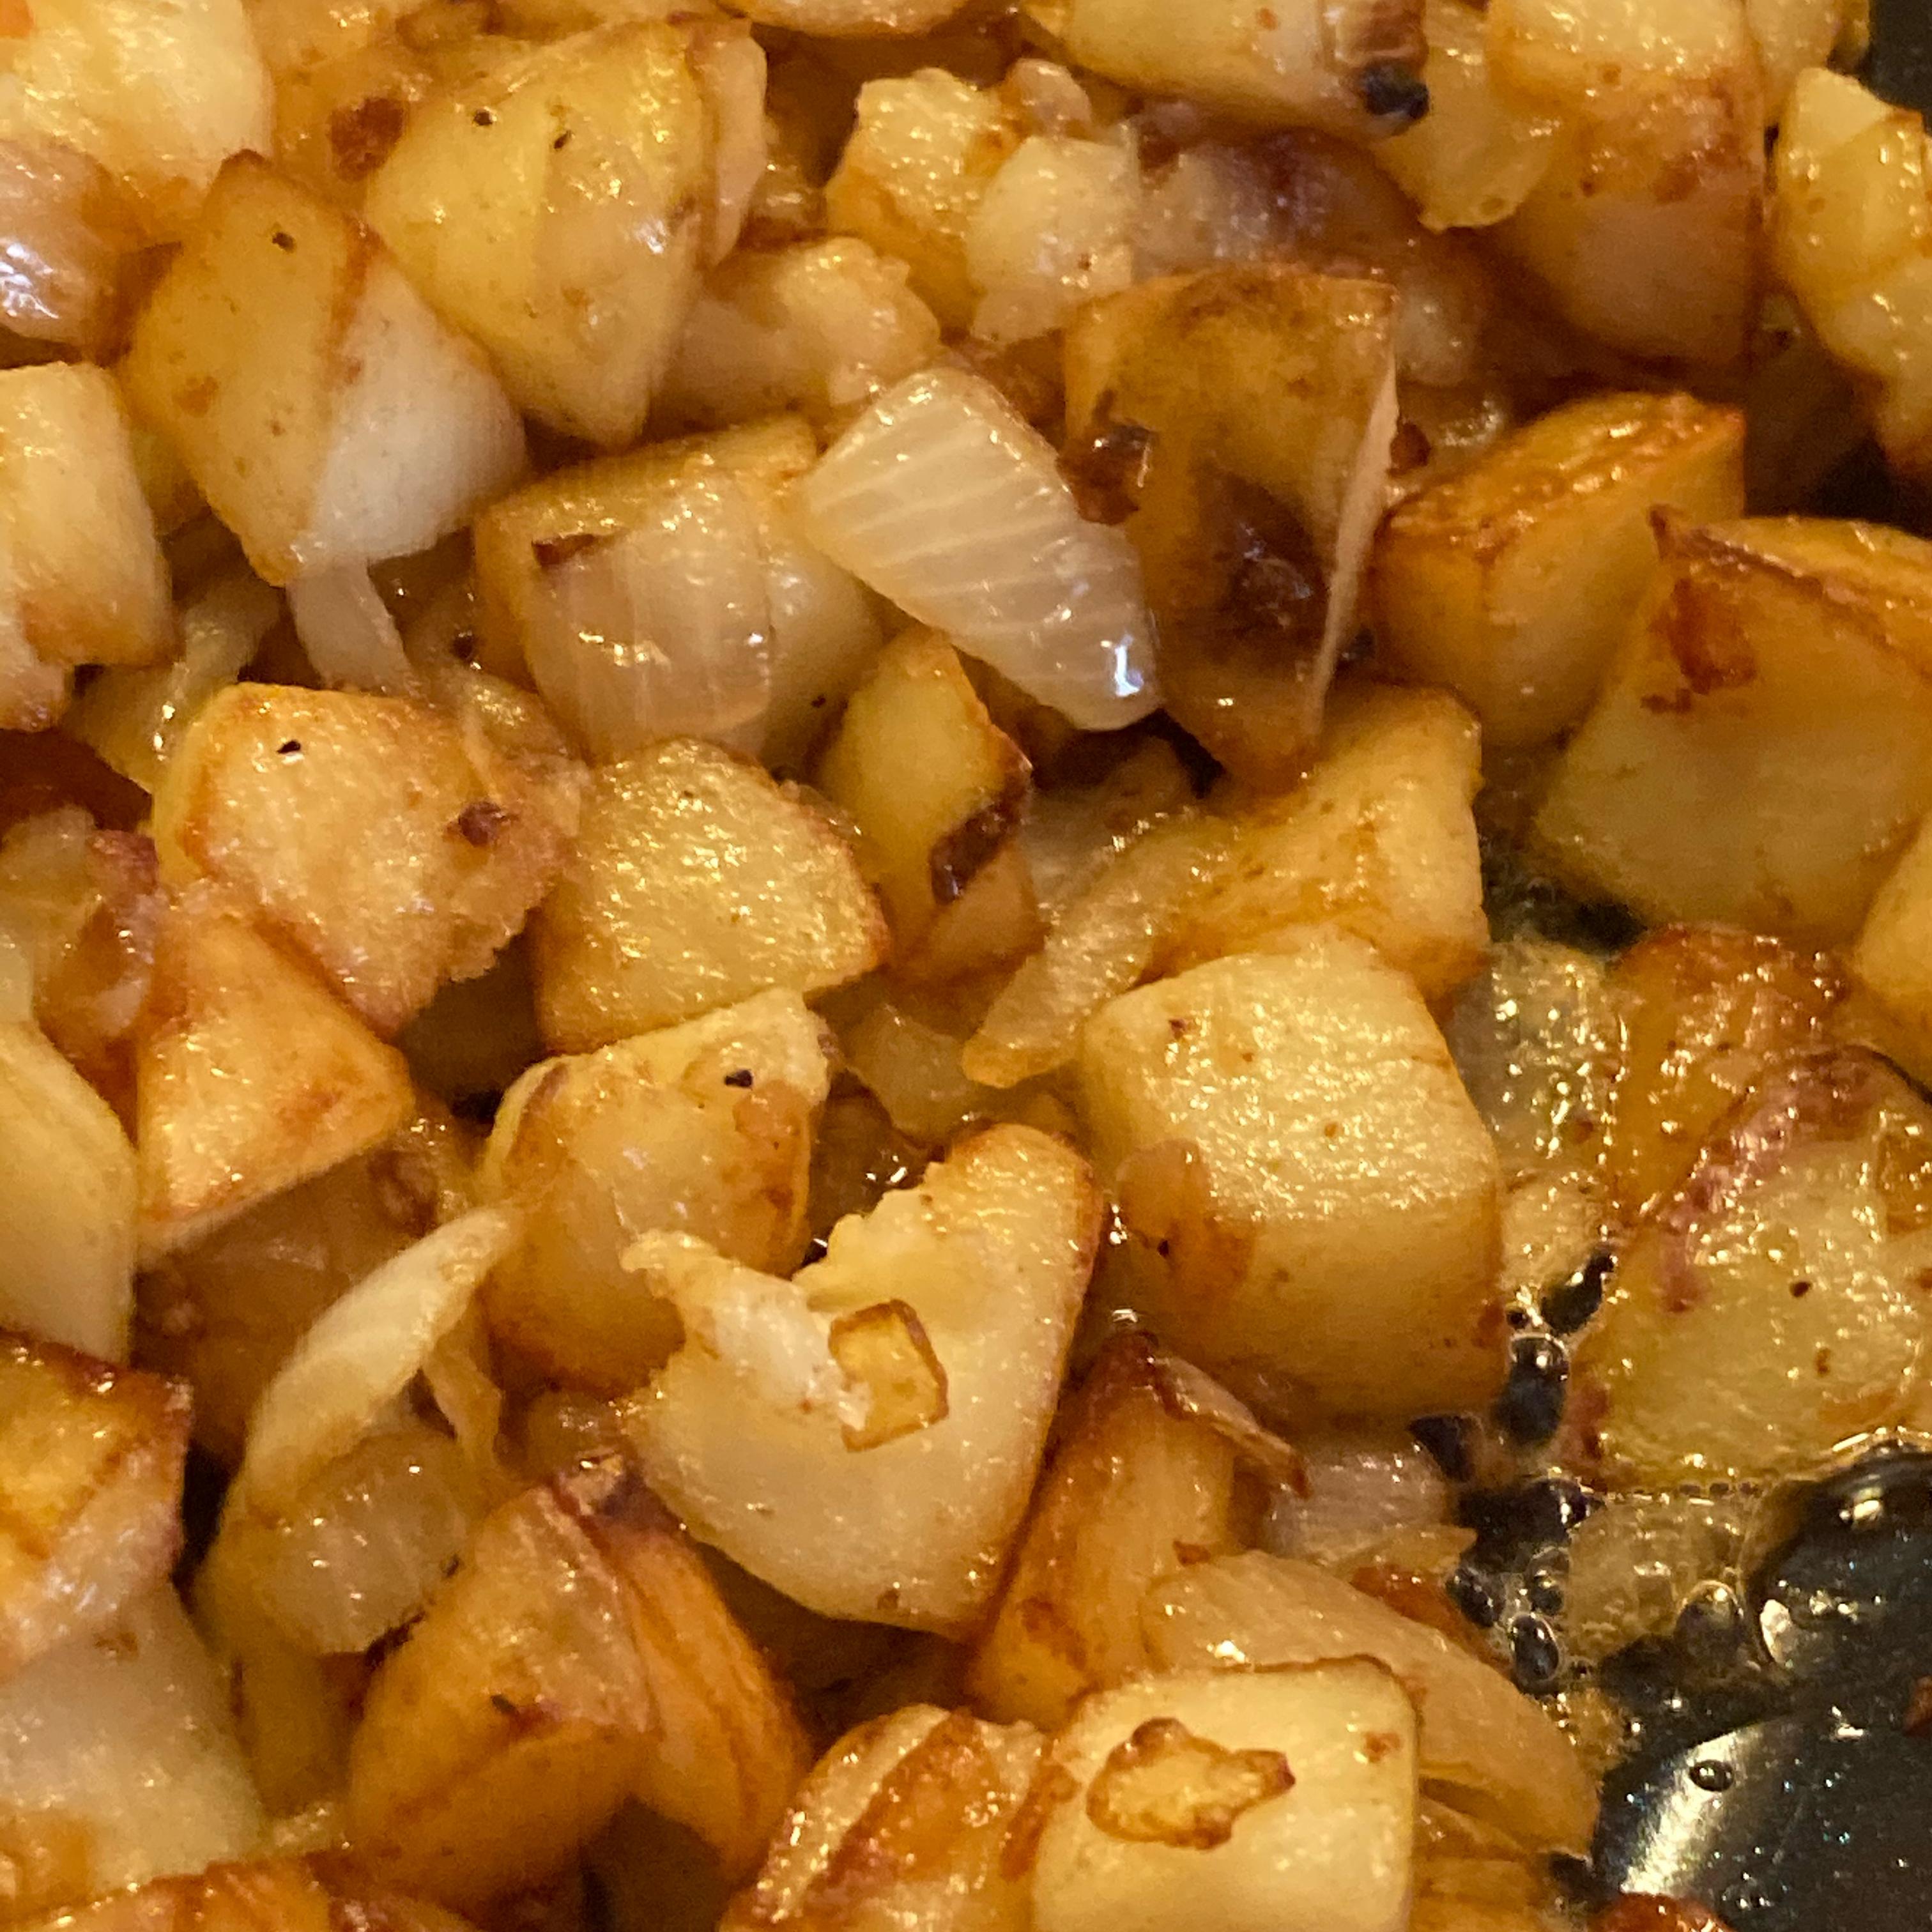 Butter Fried Potatoes Carla jupiter